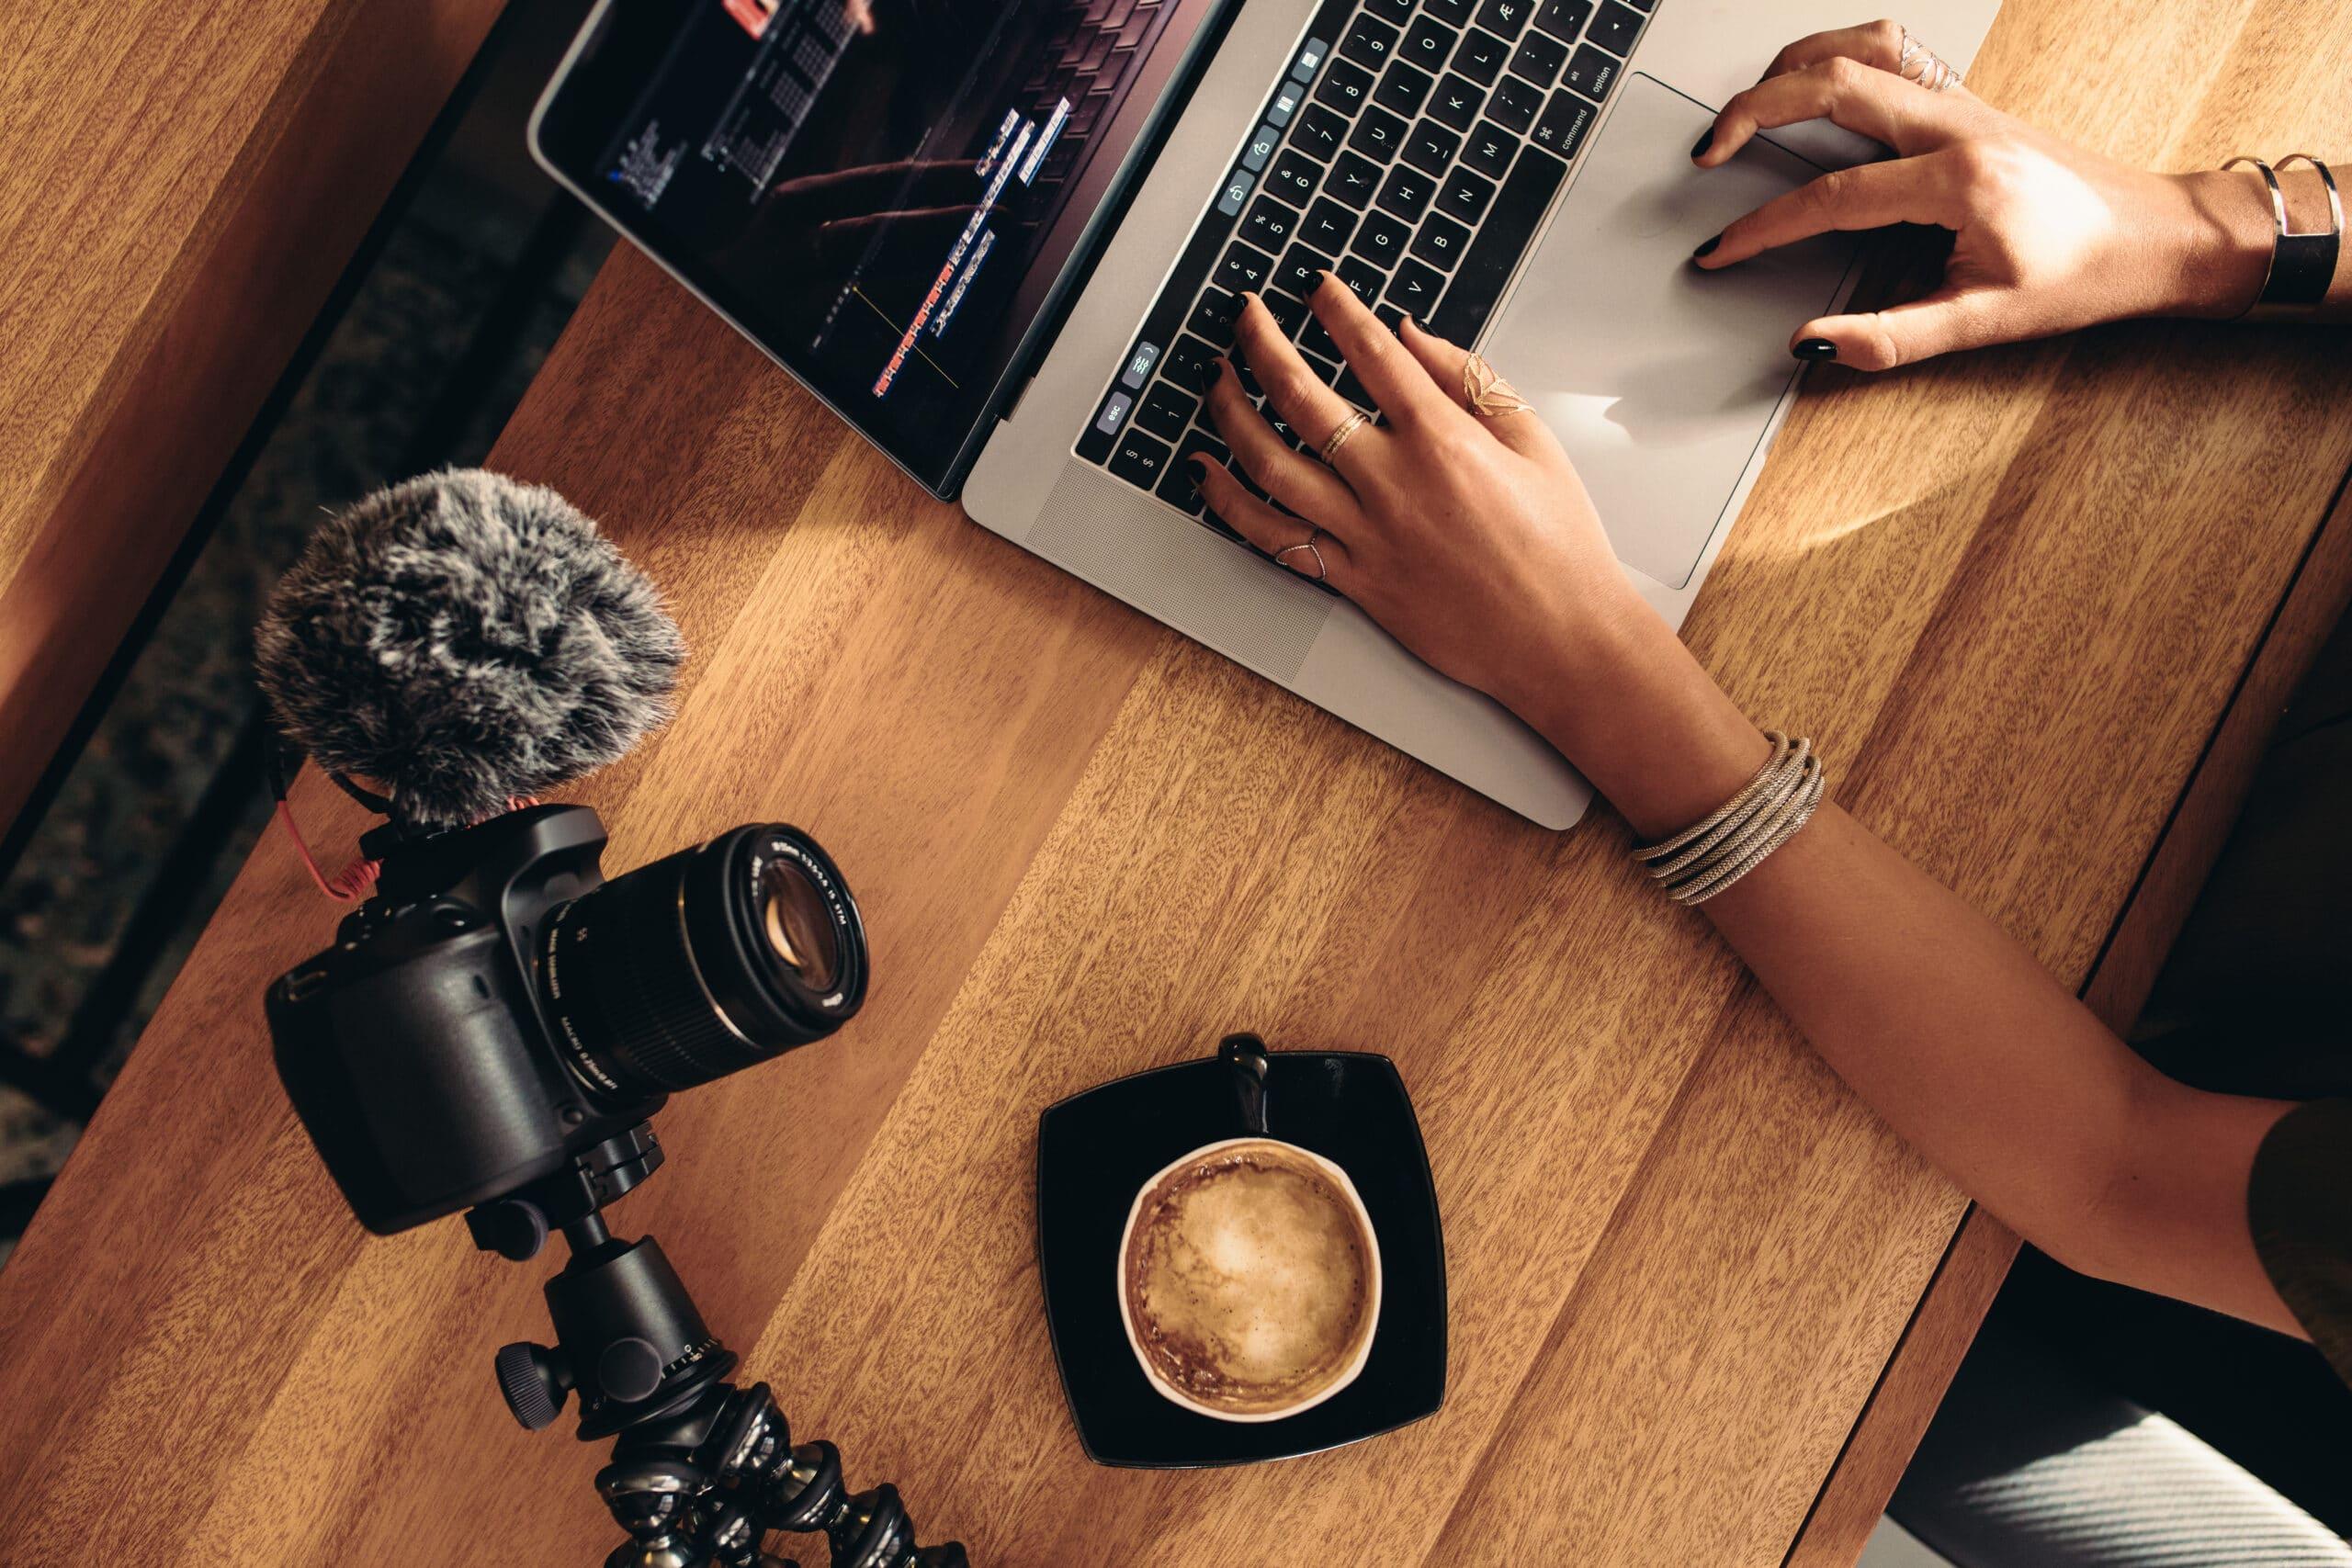 Matte Plays - näin YouTubessa pääsee pinnalle. Nainen editoi videota kahvilassa.